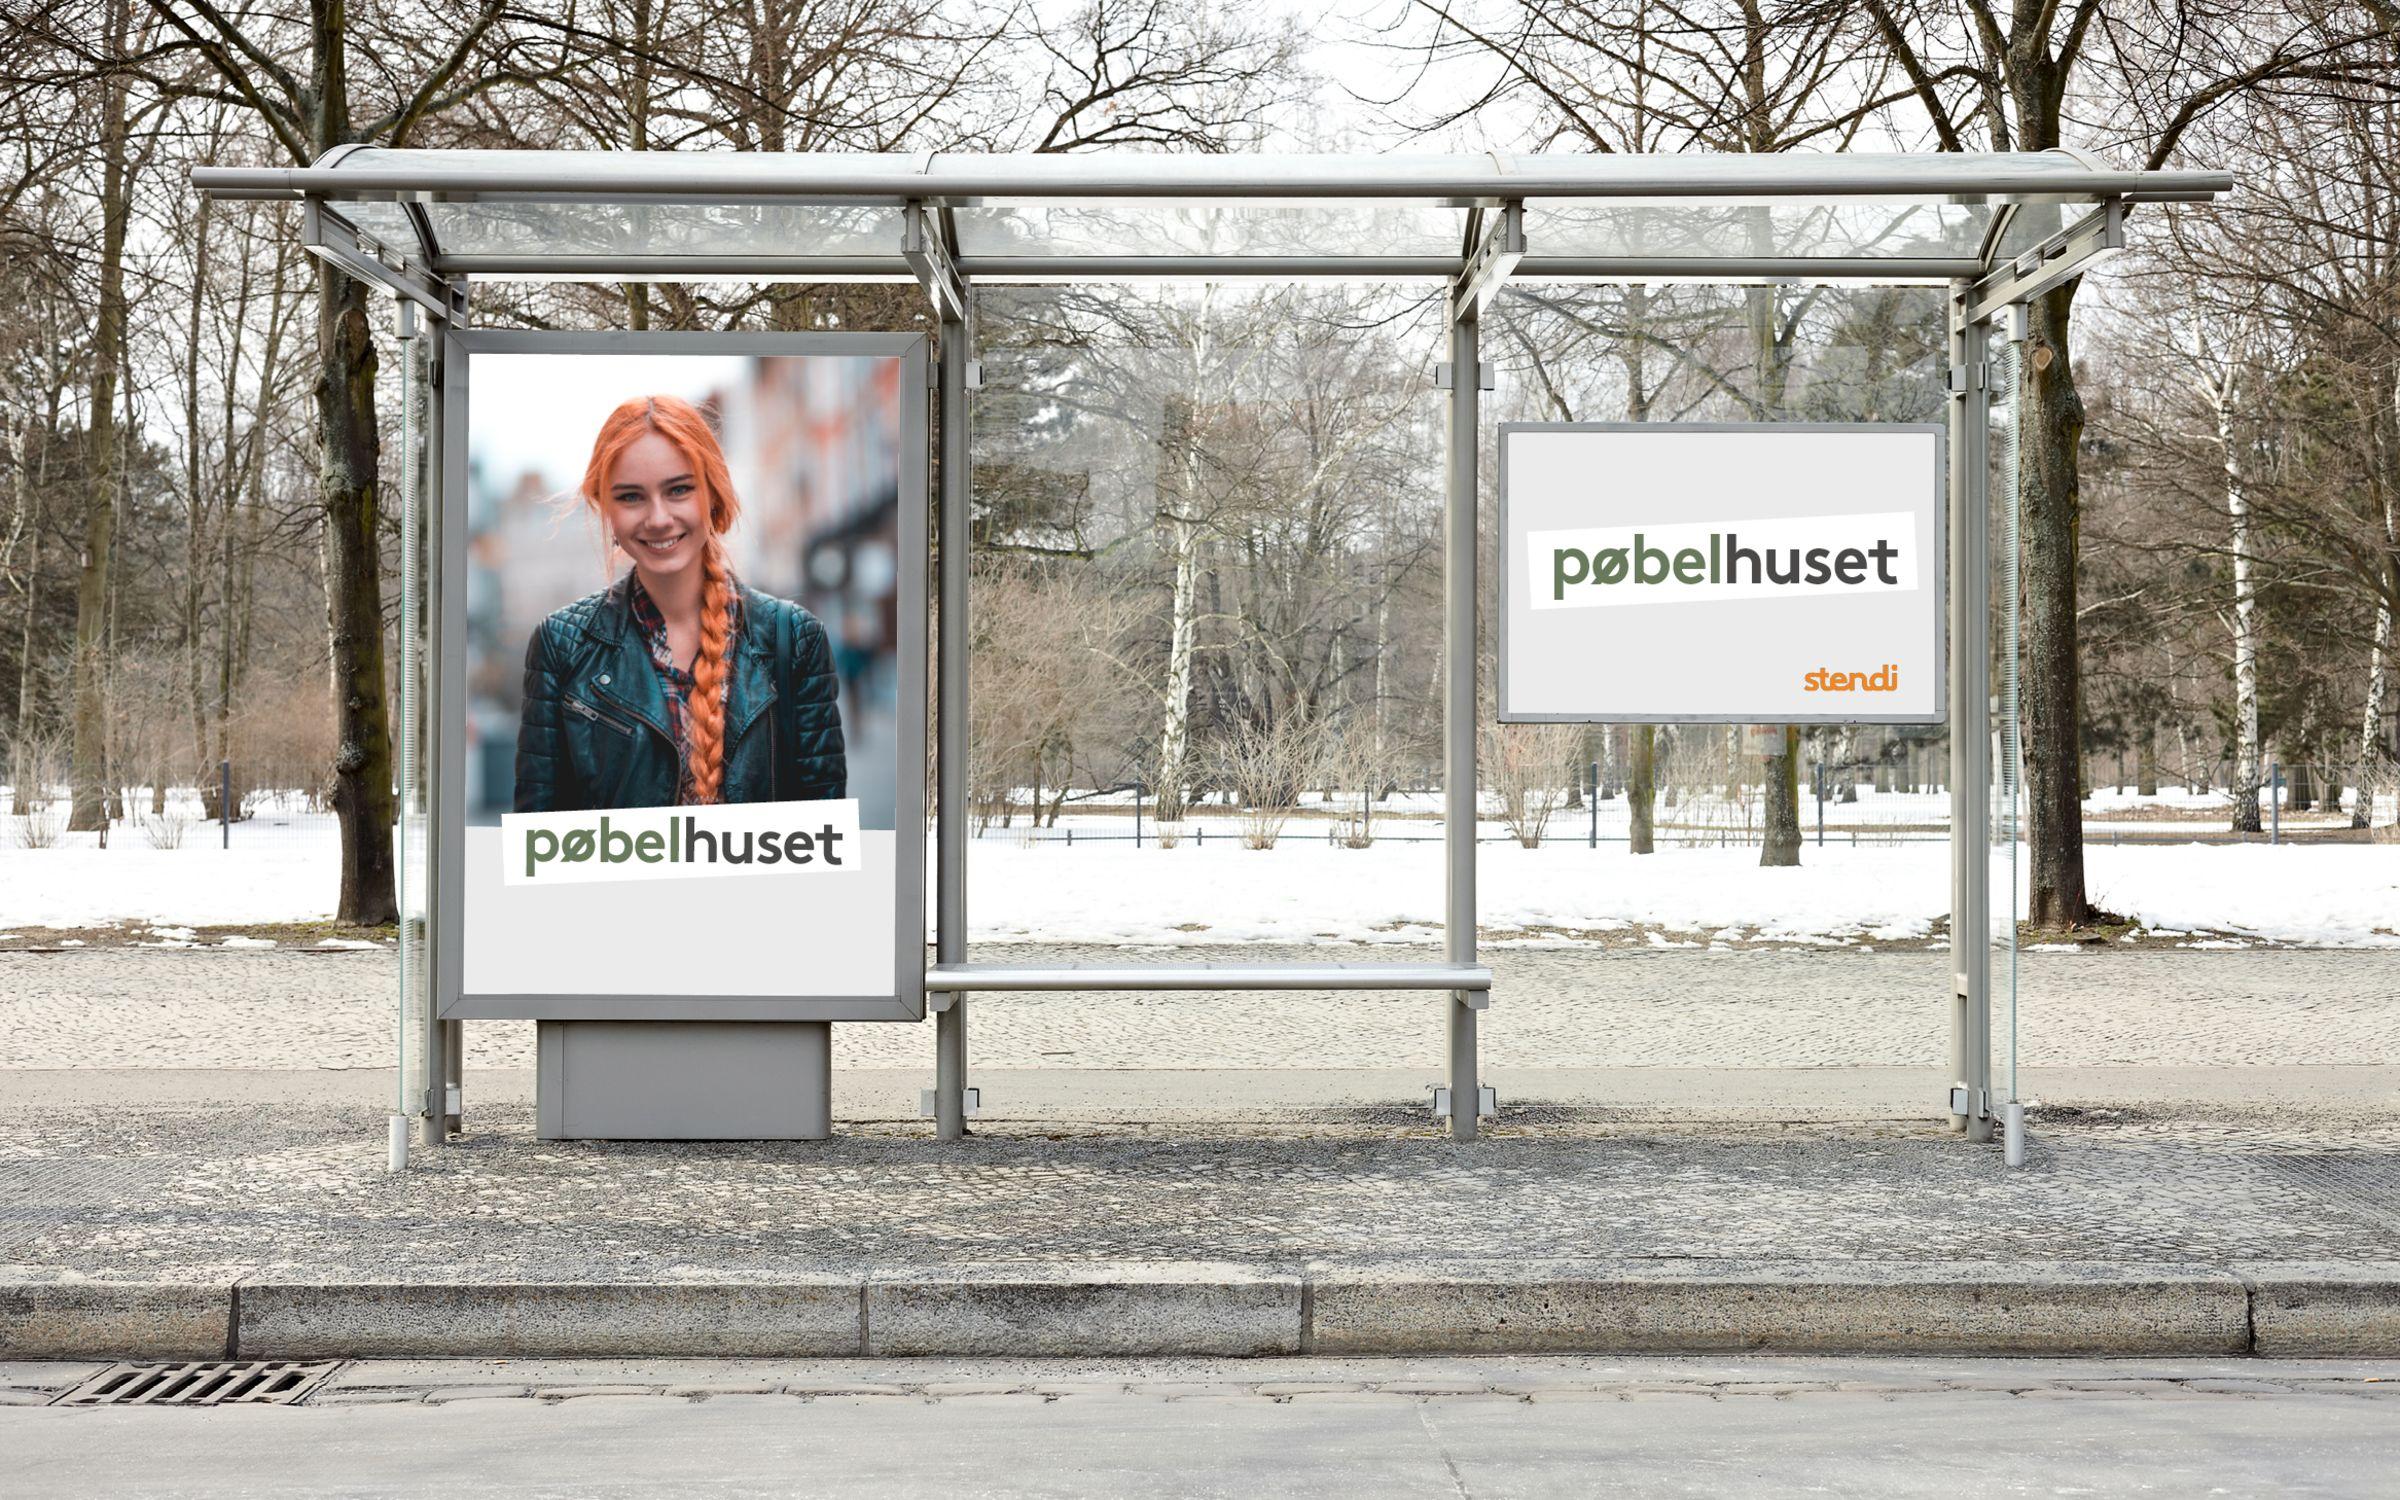 Busstopp pøbelhuset boards